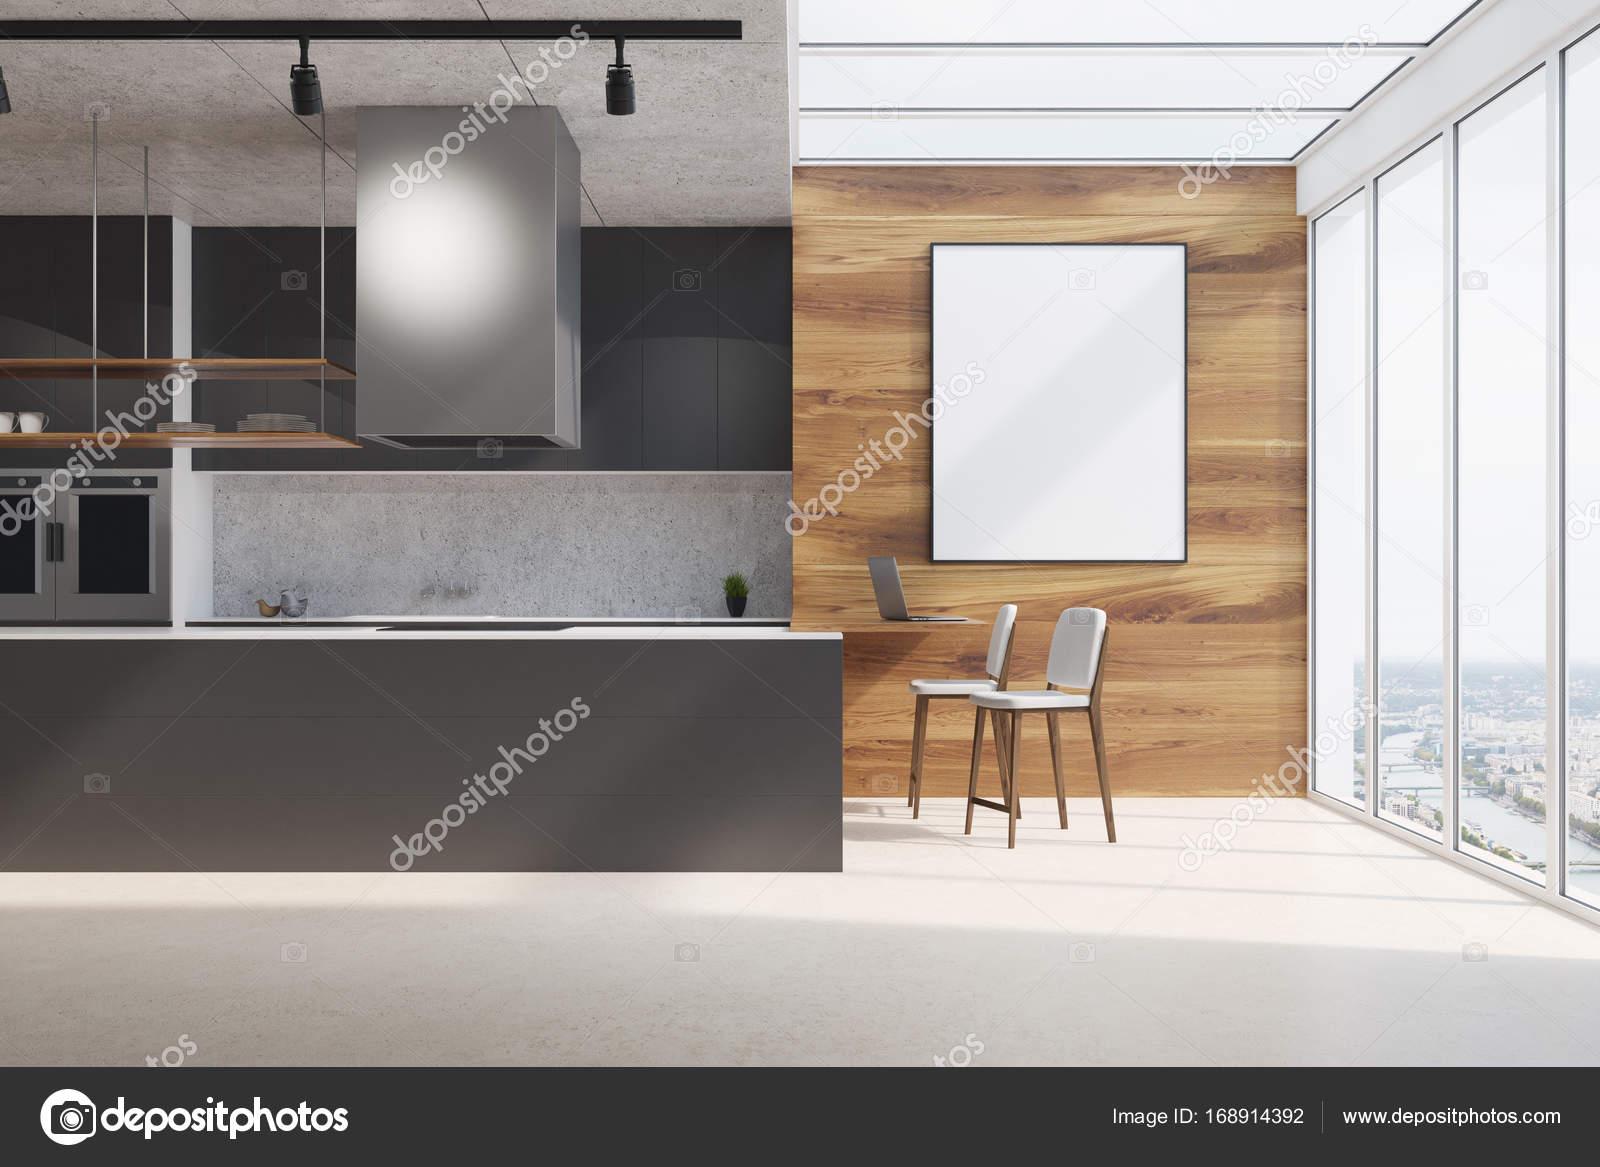 Hout En Beton : Zwarte aanrecht hout en beton poster u stockfoto